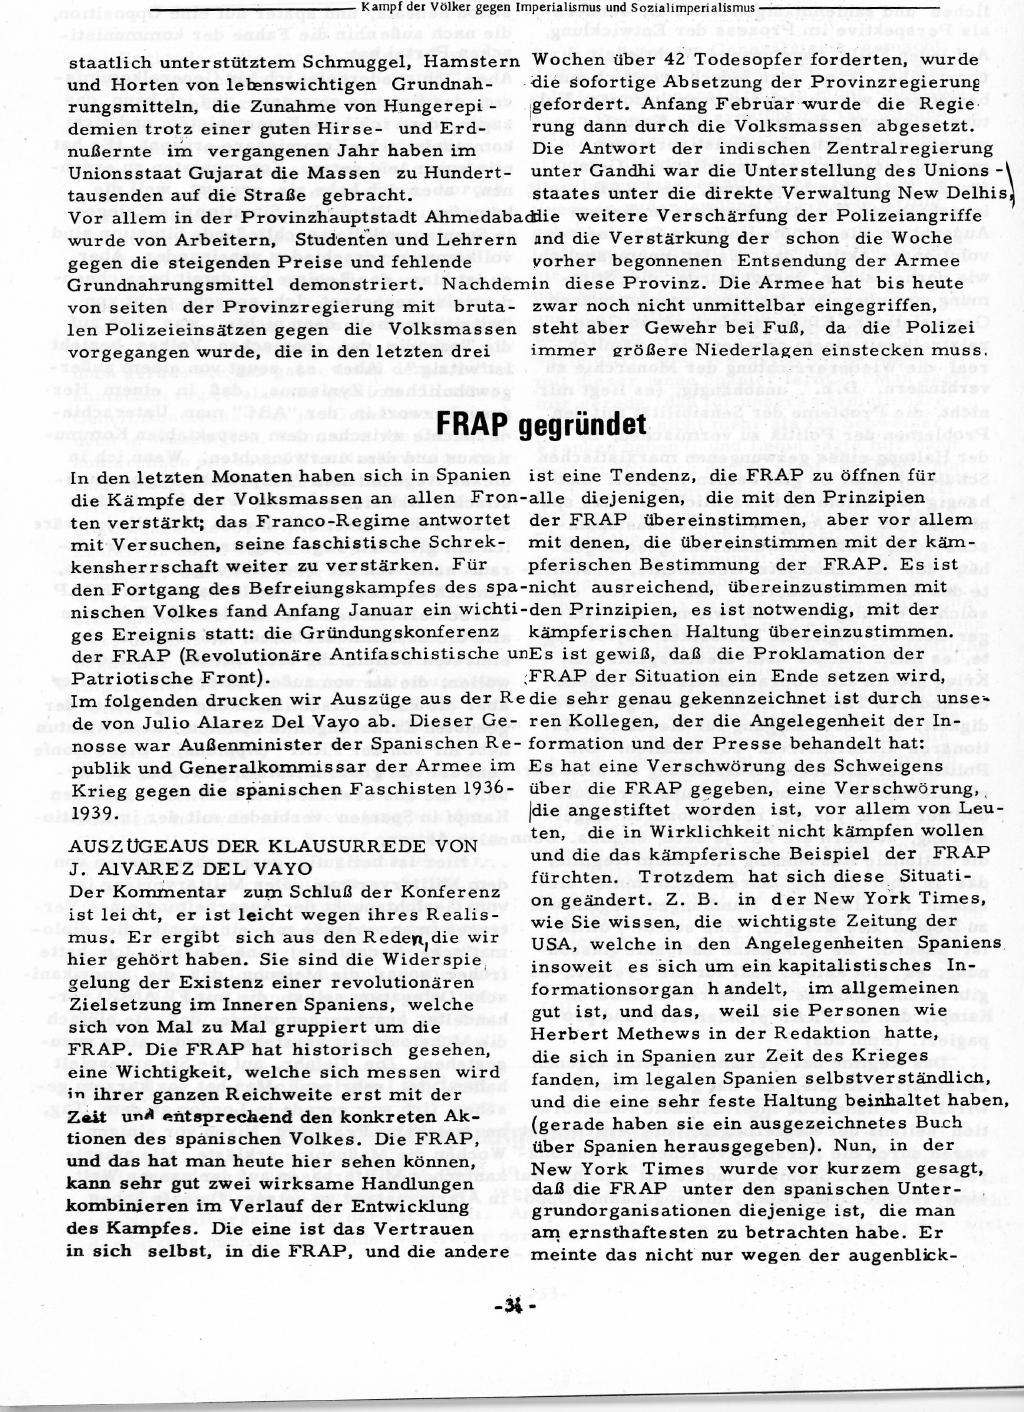 RPK_1974_07_08_31